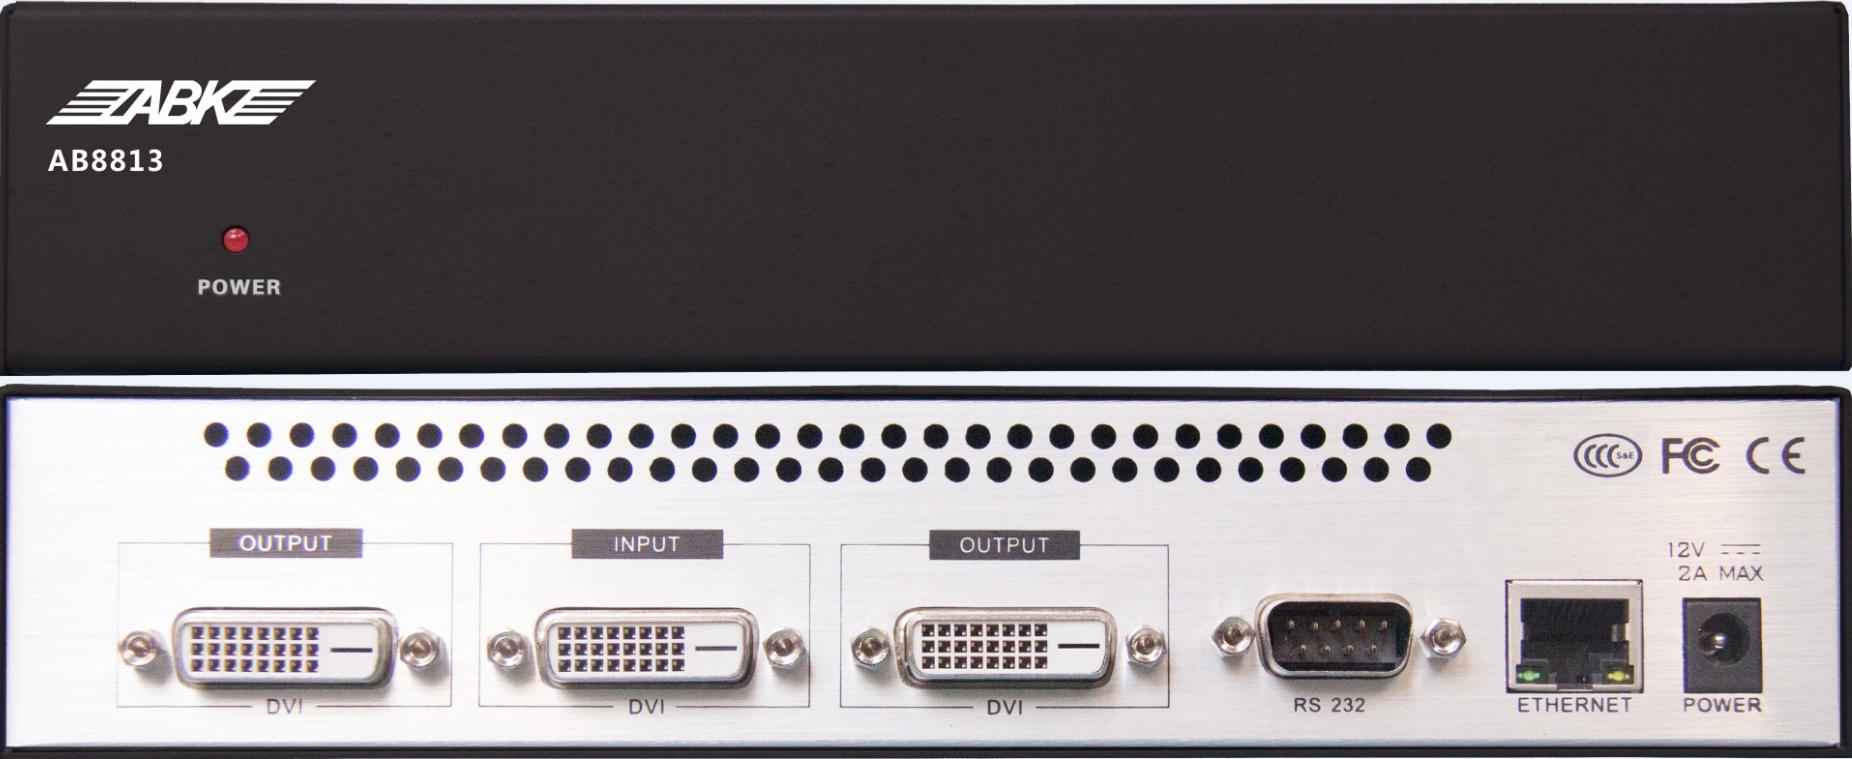 AB8813分布式数字高清融合处理器